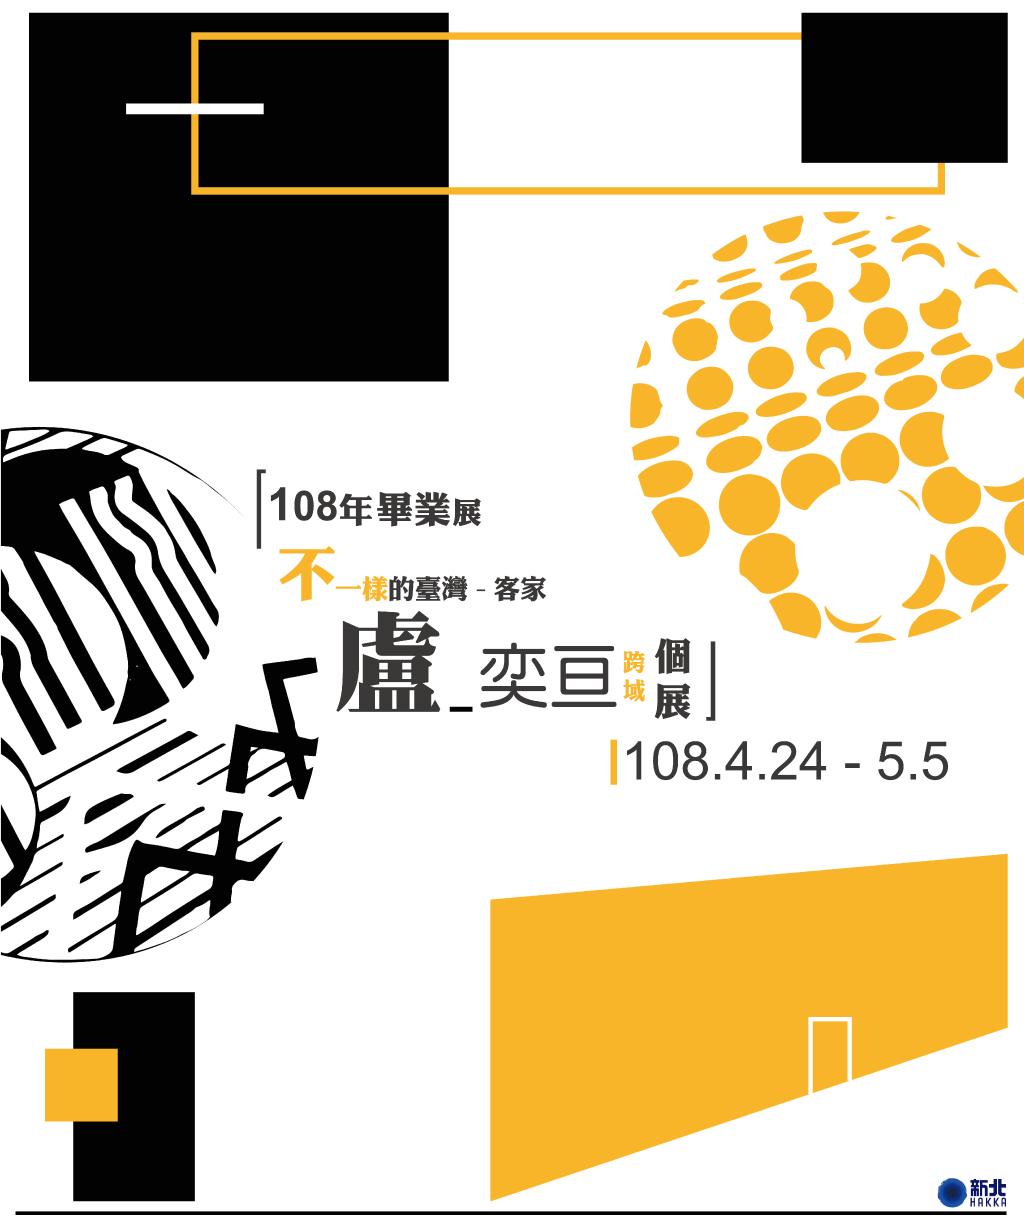 新北市客家文化園區:2019/04/24-2019/05/05【不一樣的臺灣—客家:盧奕亘跨域個展】